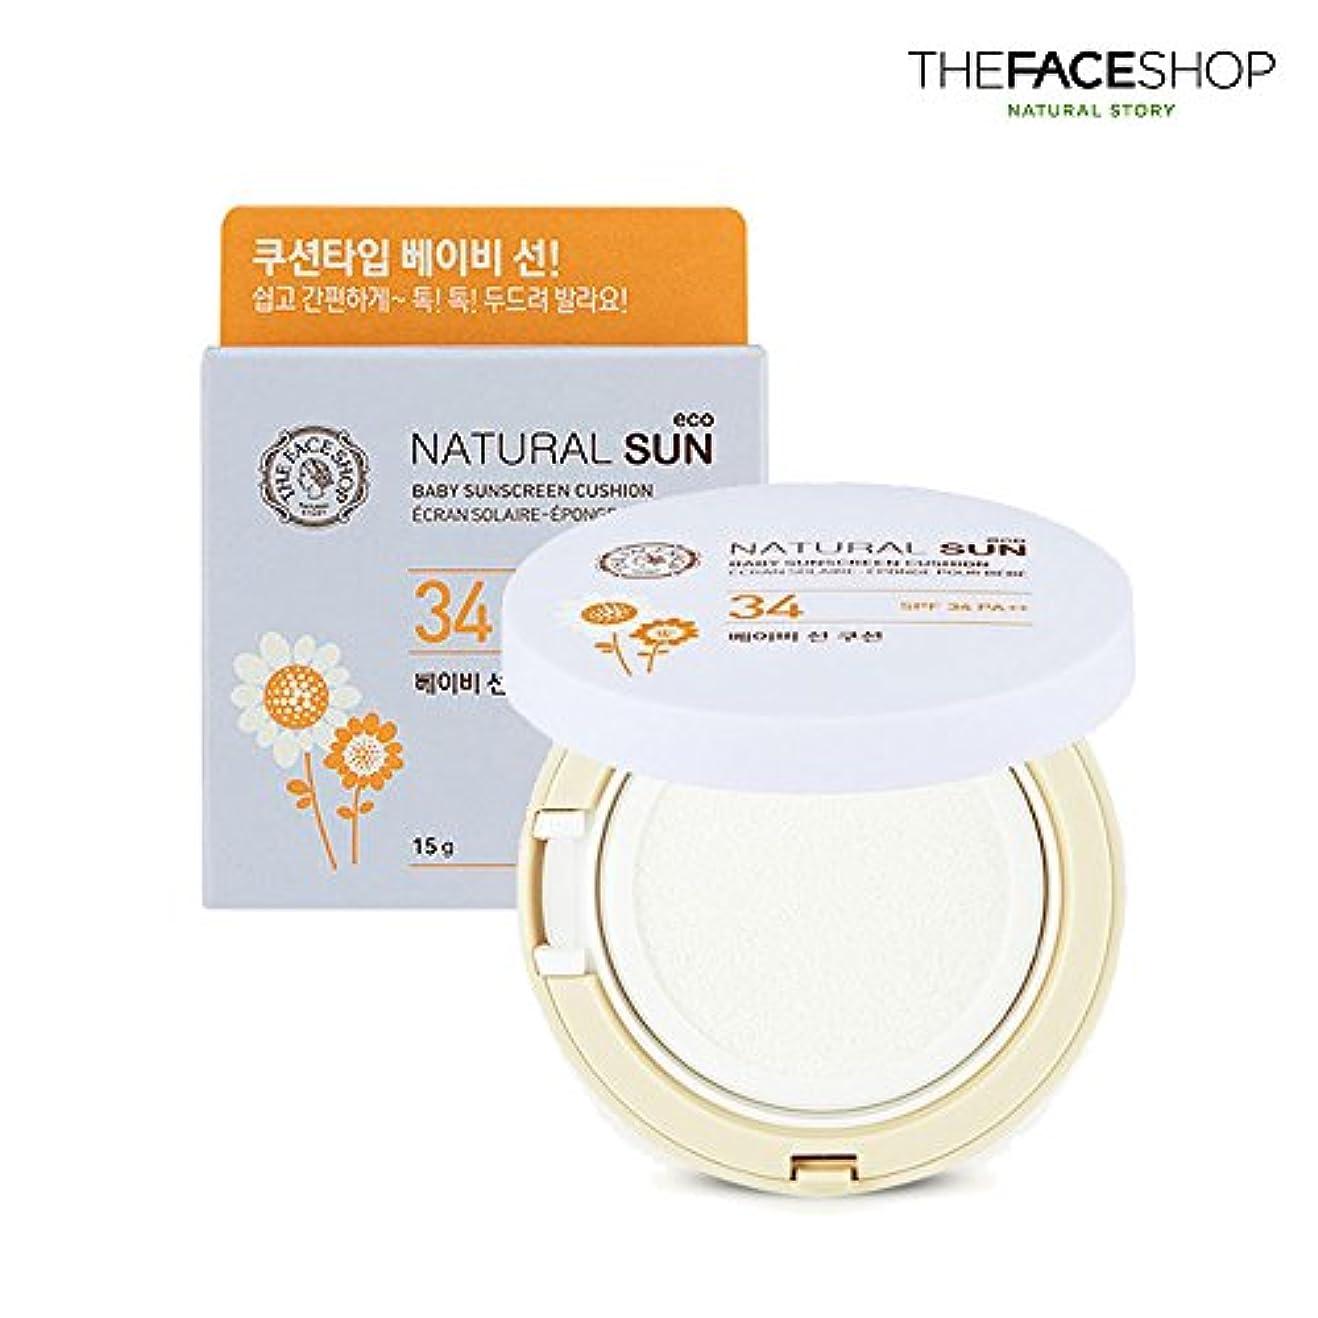 品種グラム王女the face shop Natural Sun ECO baby sunscreen cushion 34 PA++ 赤ちゃんサンスクリーンクッション